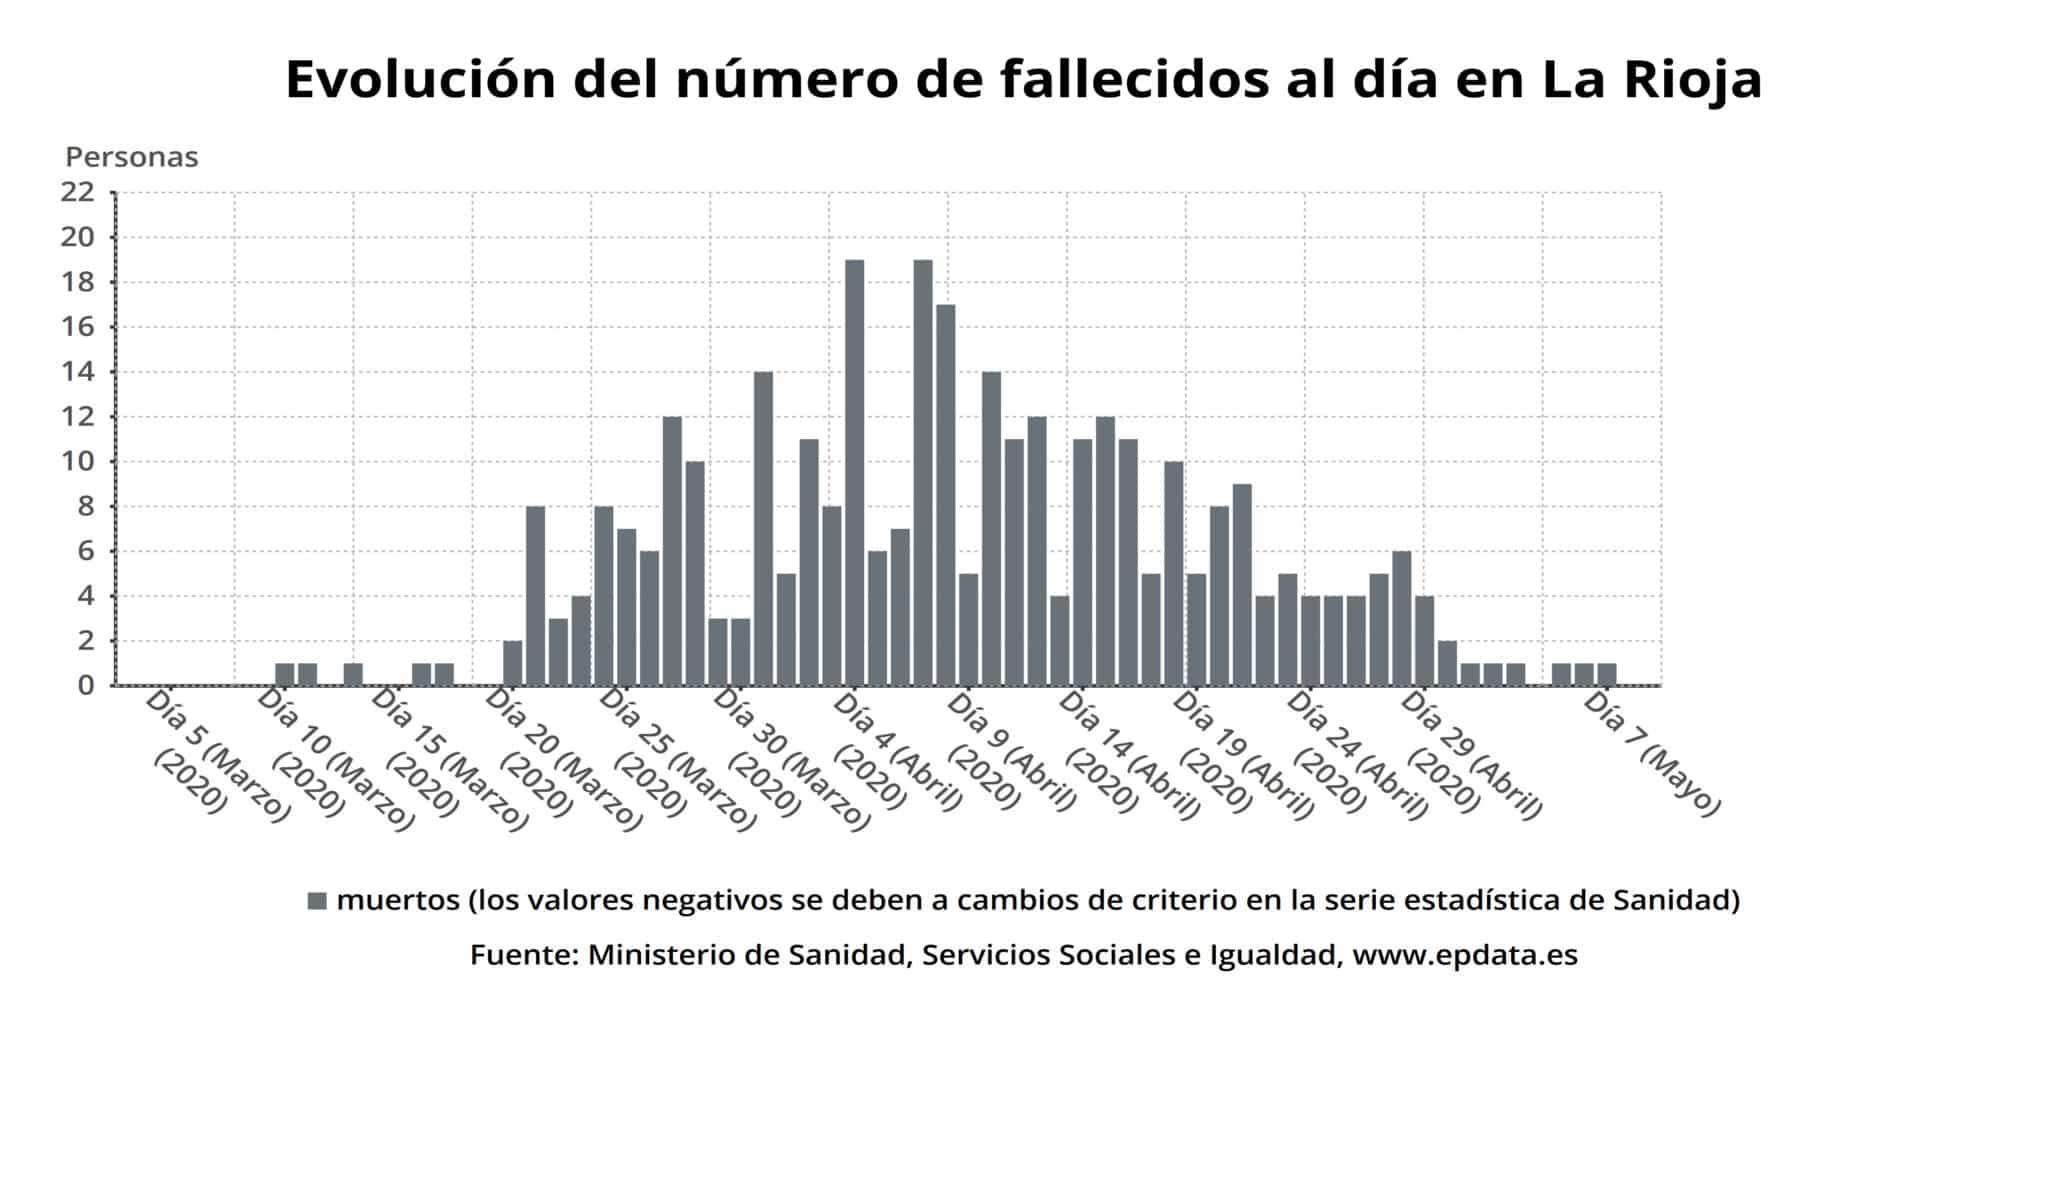 Siguen descendiendo en La Rioja los ingresos hospitalarios y los casos activos de coronavirus 2